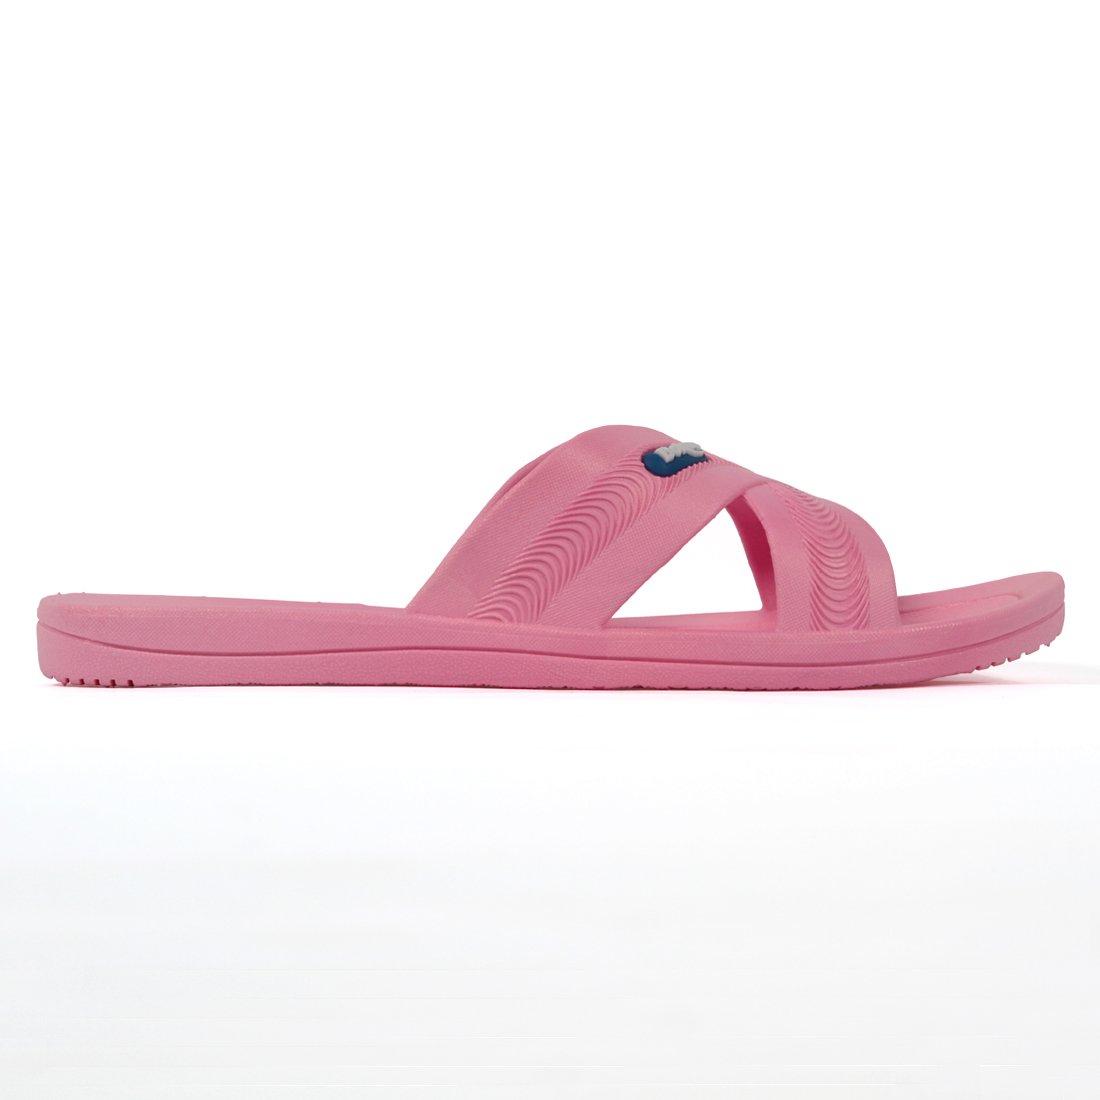 Bokos Women's Rubber Slide Sandals B01N8W8BEA 10 B(M) US|Bubble Gum